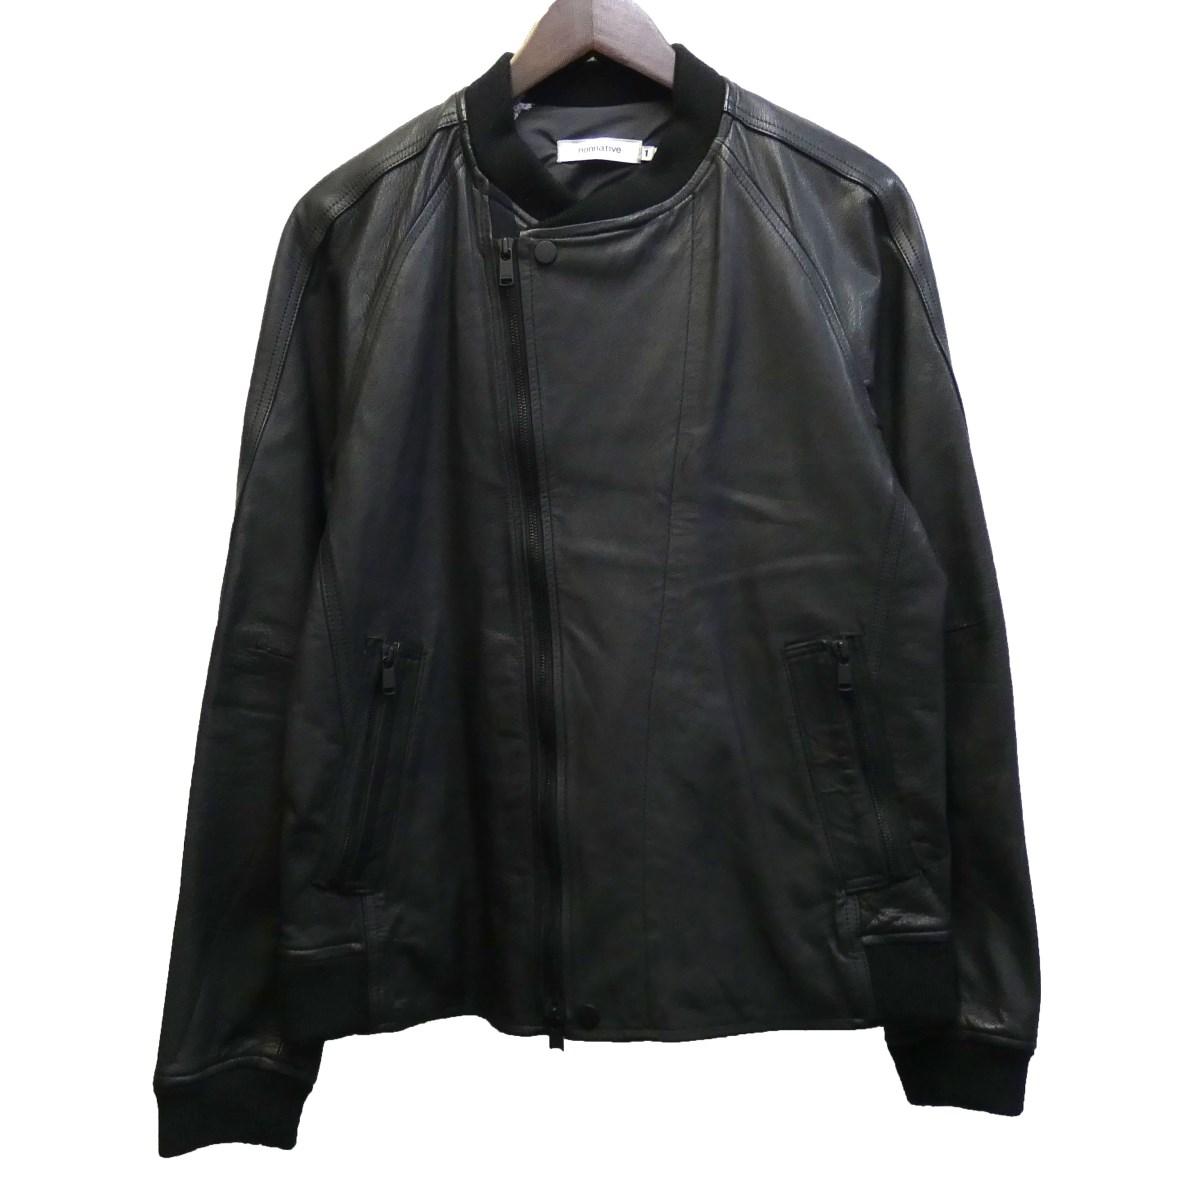 【中古】nonnative 「RIDER BLOUSON COW LEATHER」 レザージャケット NN-J3205 ブラック サイズ:1 【200320】(ノンネイティブ)